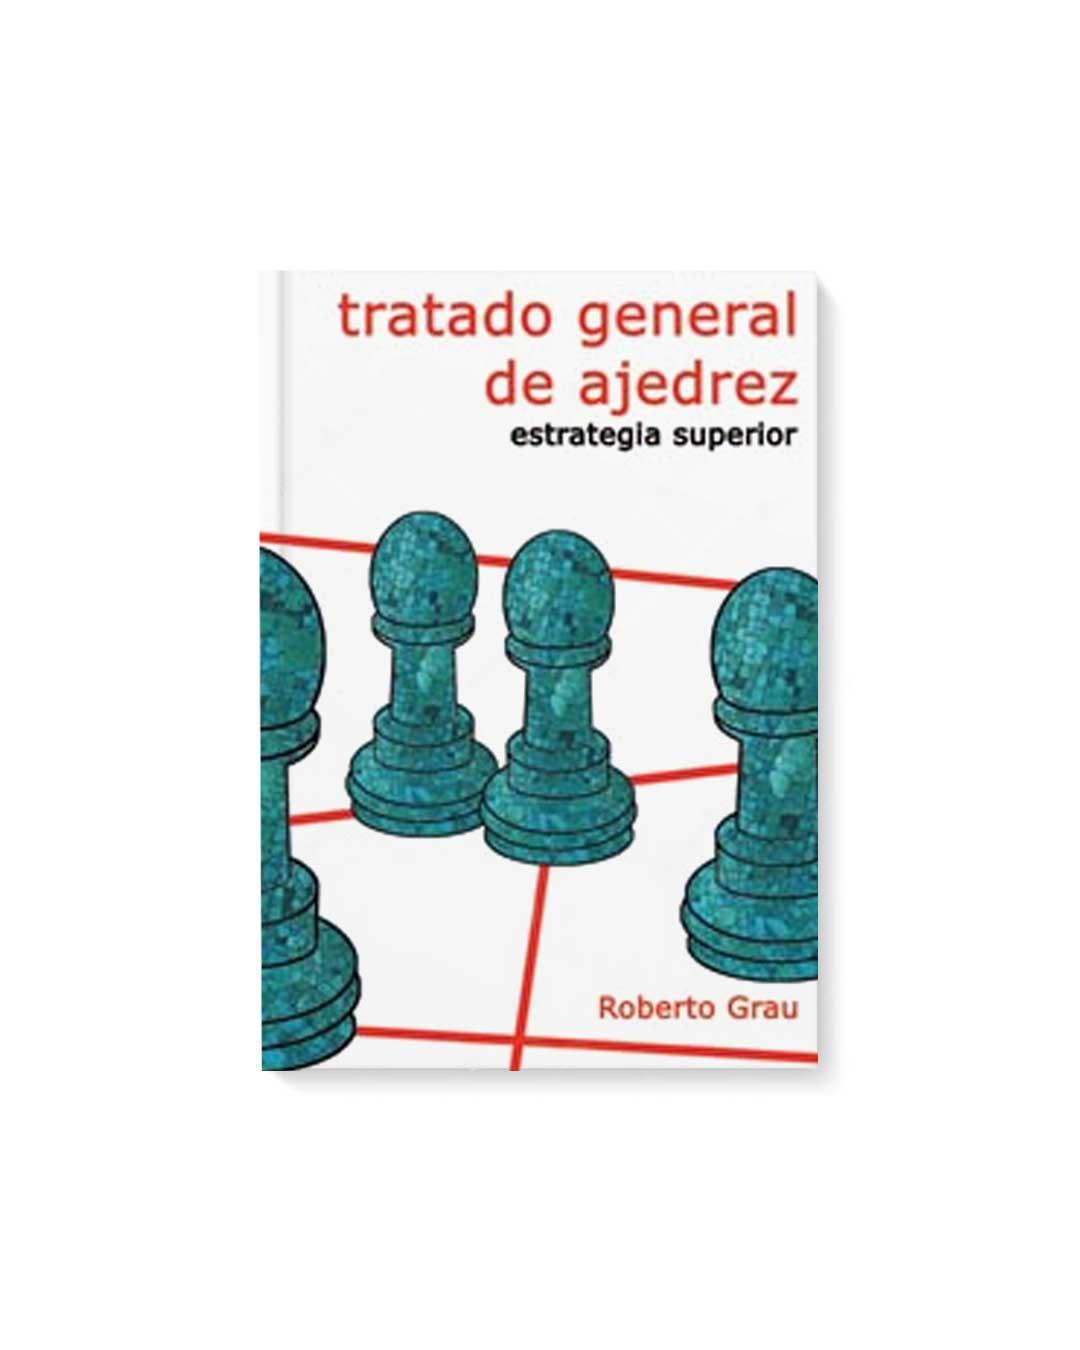 Tratado general de ajedrez - Tomo 4 - Estrategia superior (Grau)